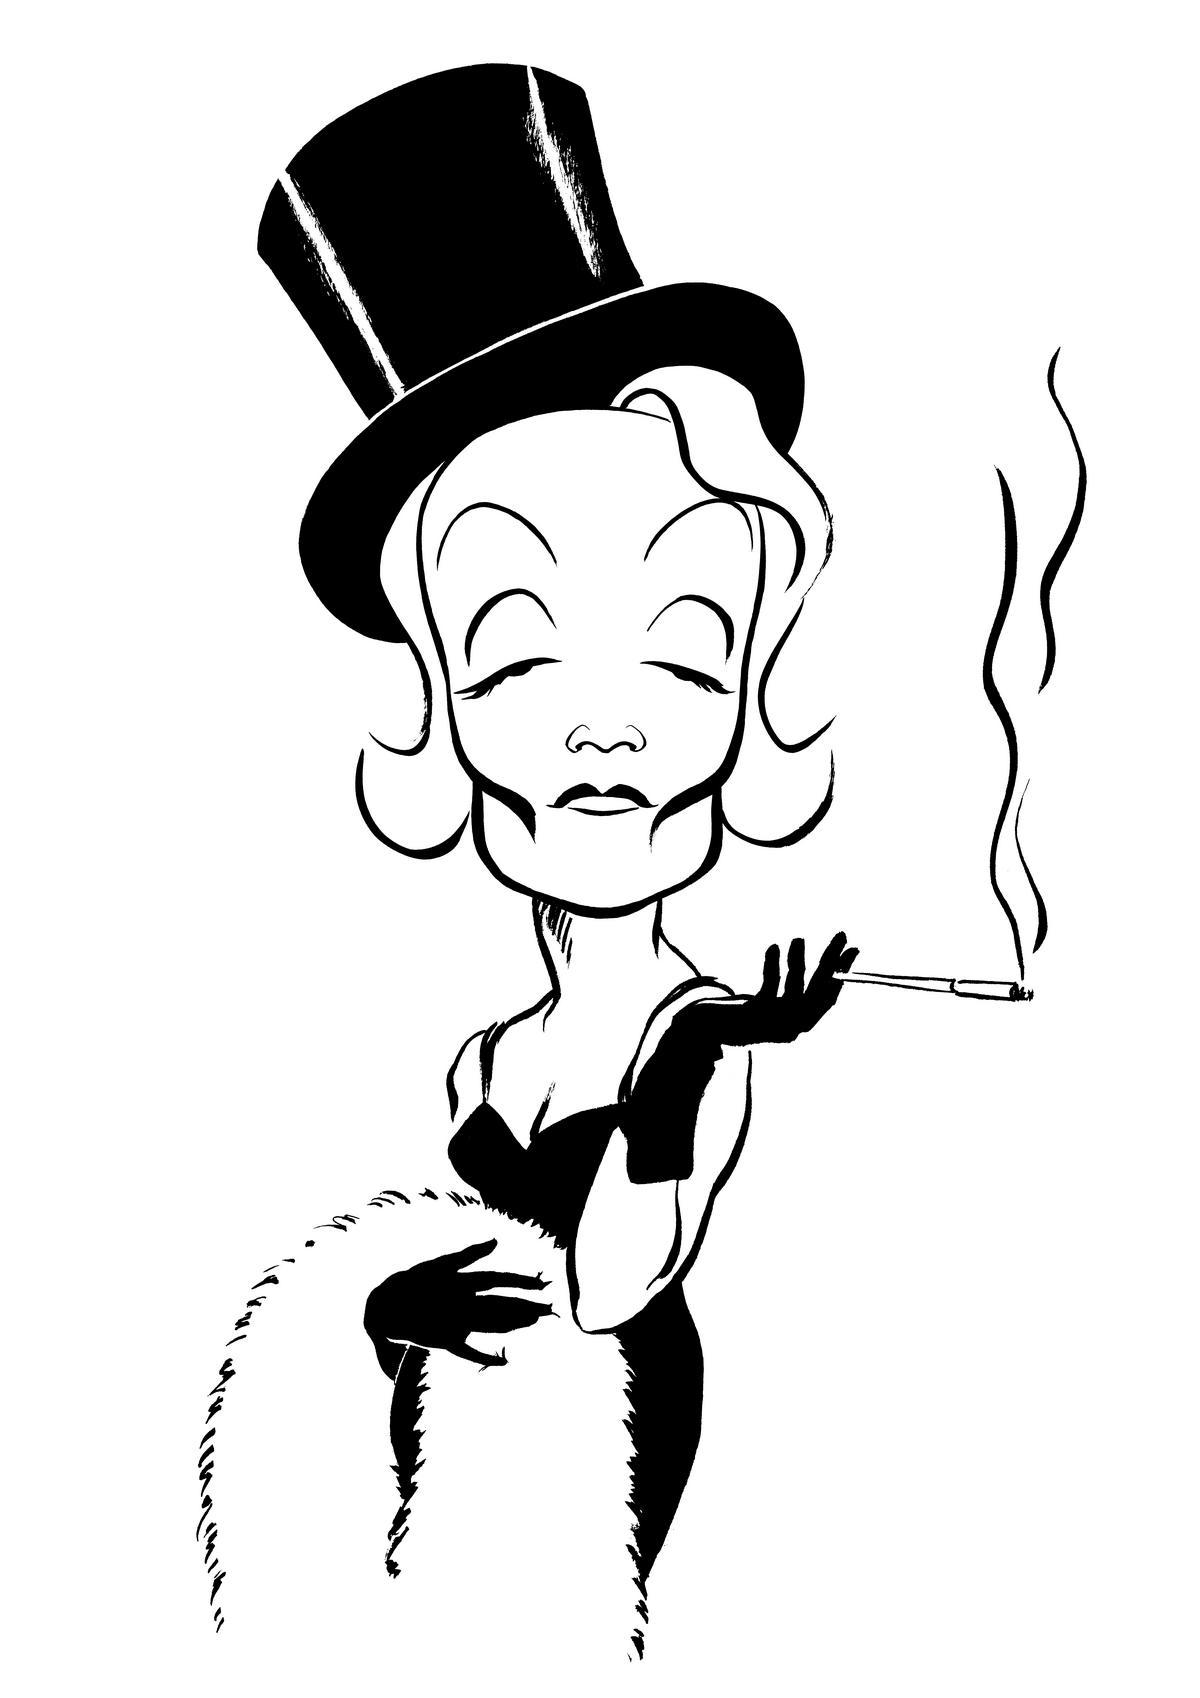 Marlene Dietrich caricature